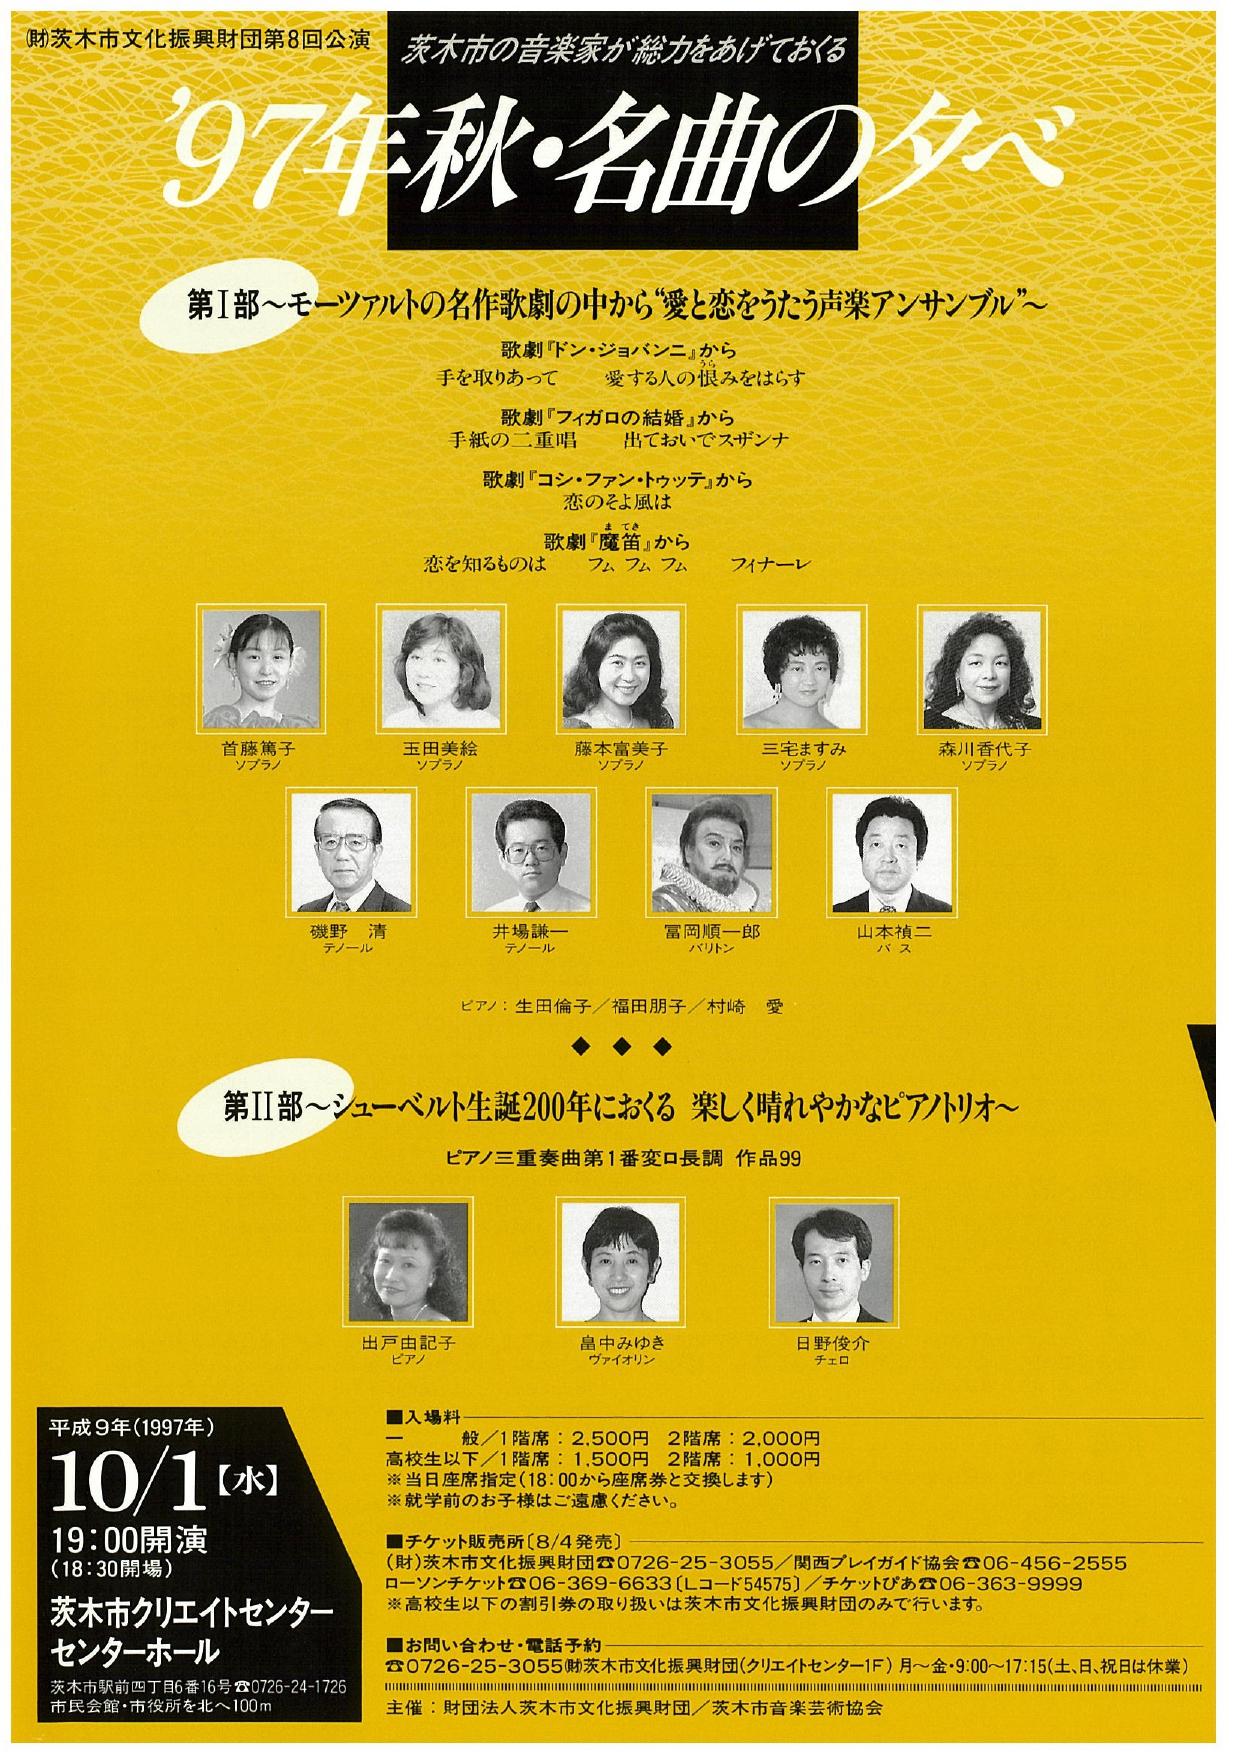 第1回音楽芸術協会コン サート 茨木市の音楽家が 総力をあげておくる 97年秋・名曲の夕べ